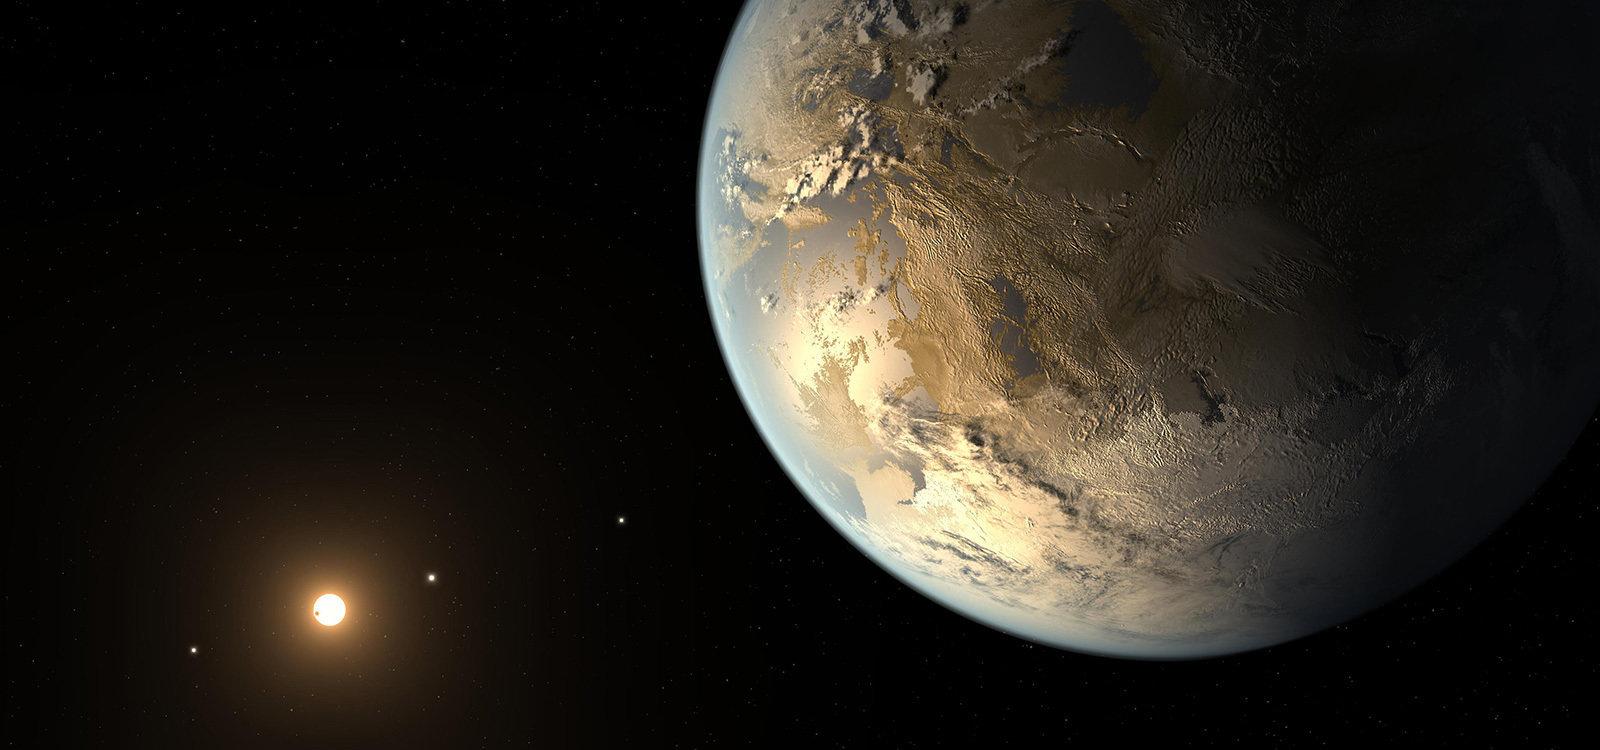 Ανακαλύφθηκε η παγωμένη υπερ-Γη και είναι πιο κοντά μας απ' ότι